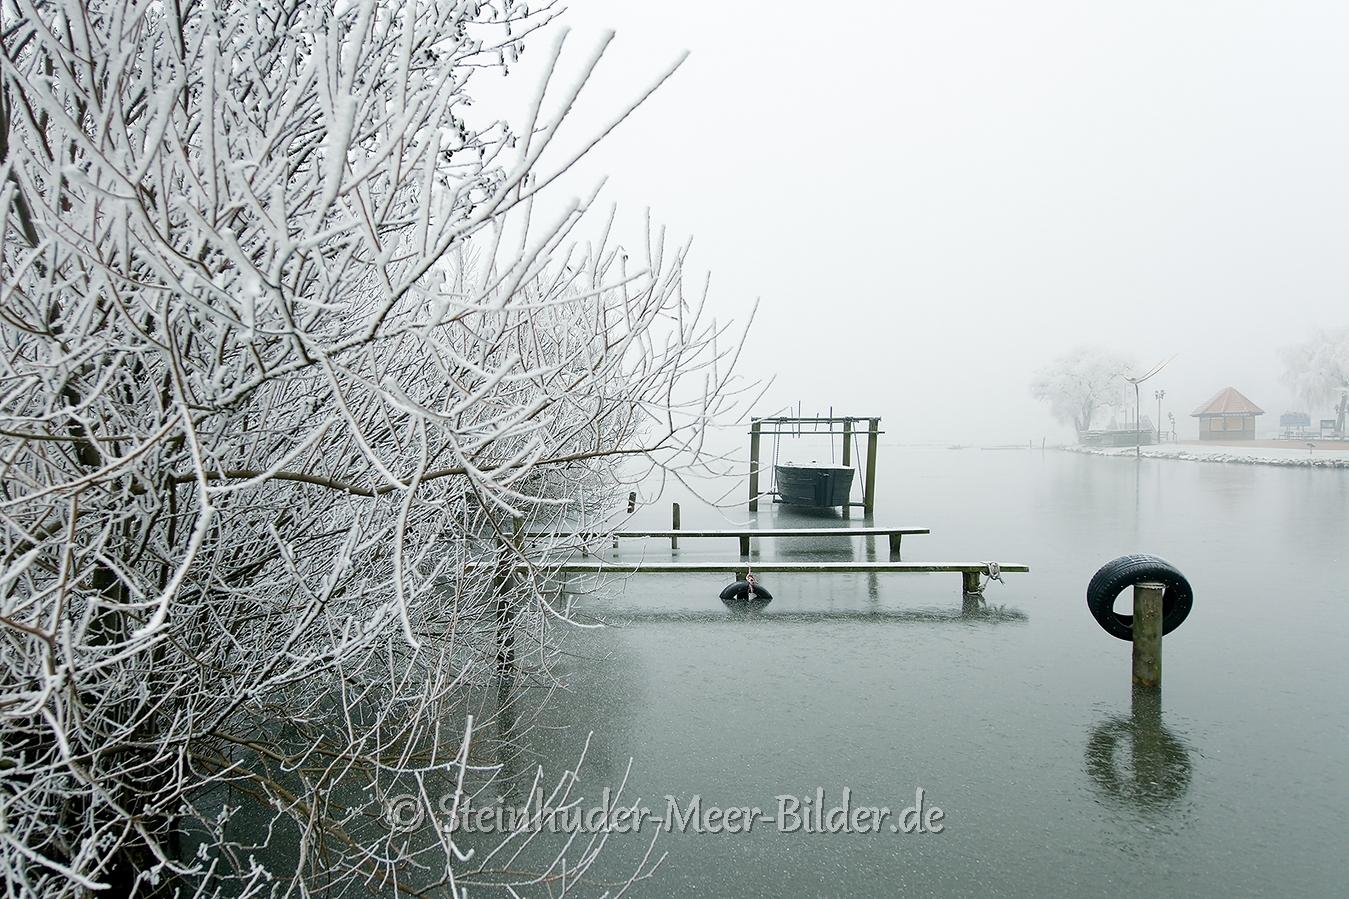 winter-steinhuder-meer-eis-schnee-zugefroren-eisdecke-naturpark-naturraum-region-A7RII-DSC01095